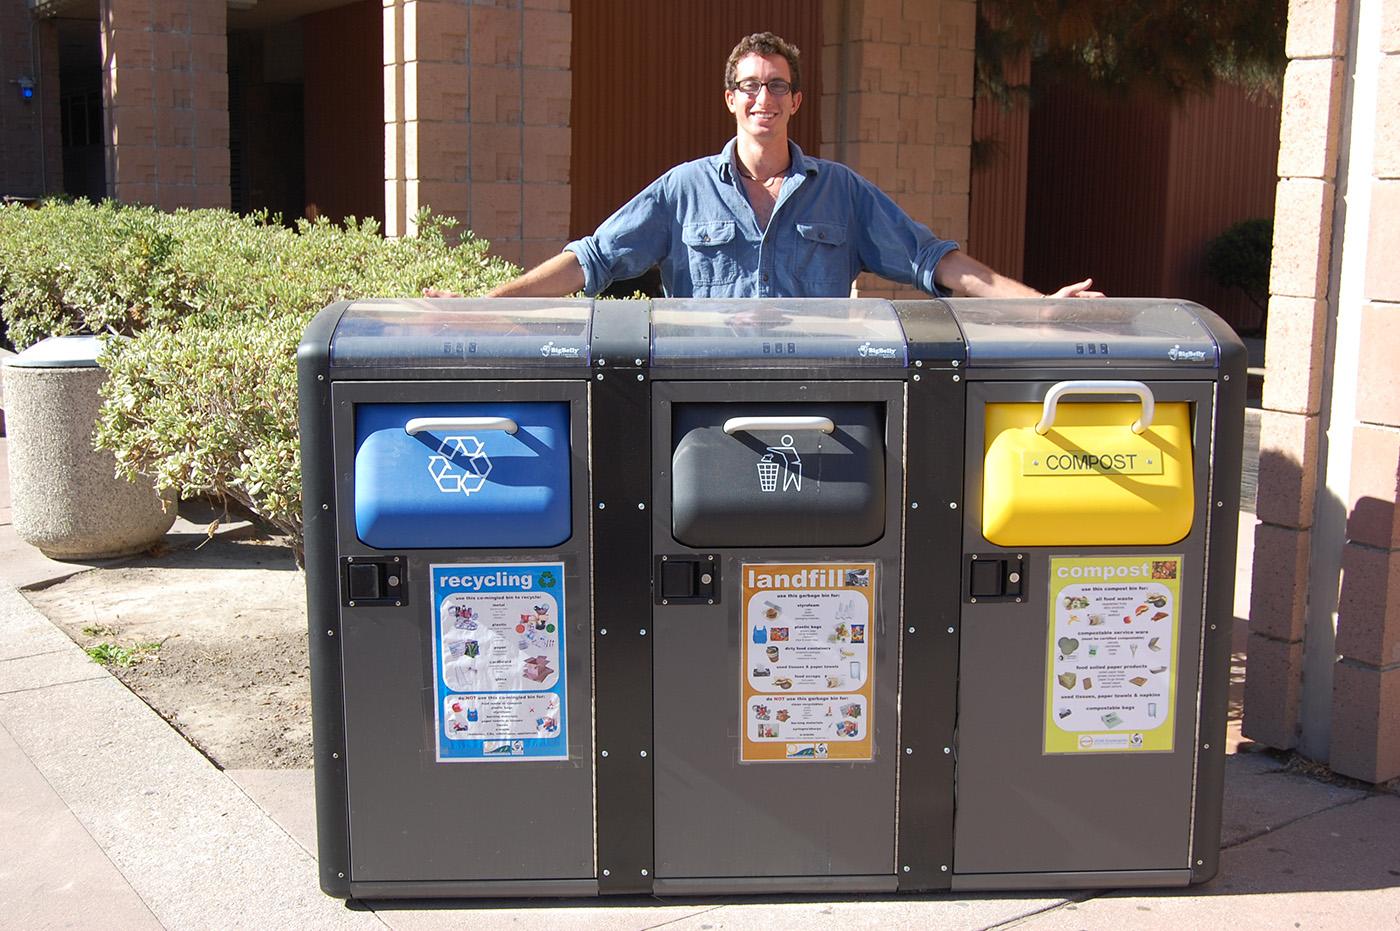 Canggih, Tempat Sampah Ini Bisa Kamu Pakai Internetan Gratis